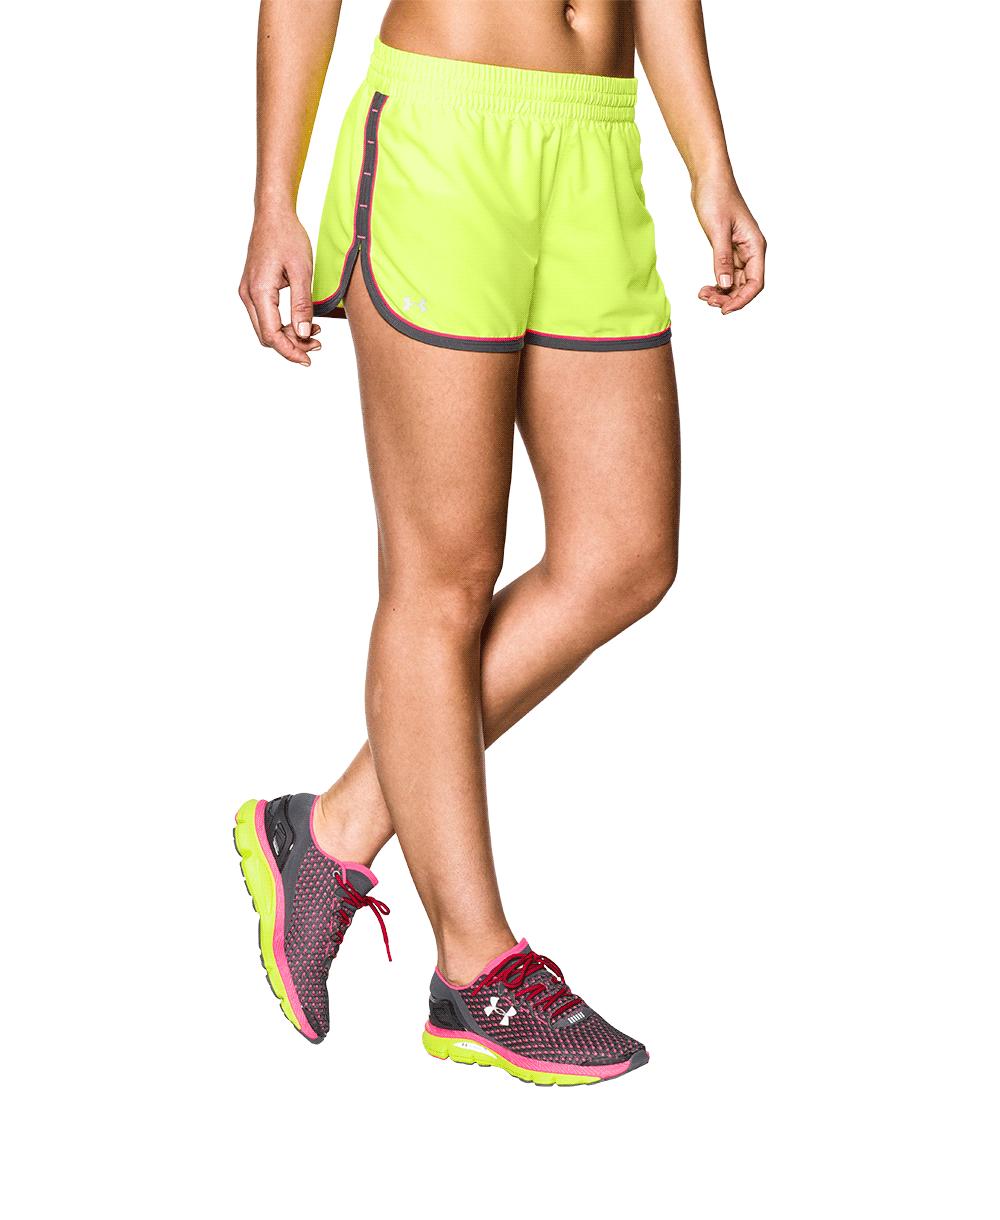 《UA出清5折》Shoestw【1237616-787】UNDER ARMOUR UA服飾 慢跑短褲 運動褲 螢光黃 女生